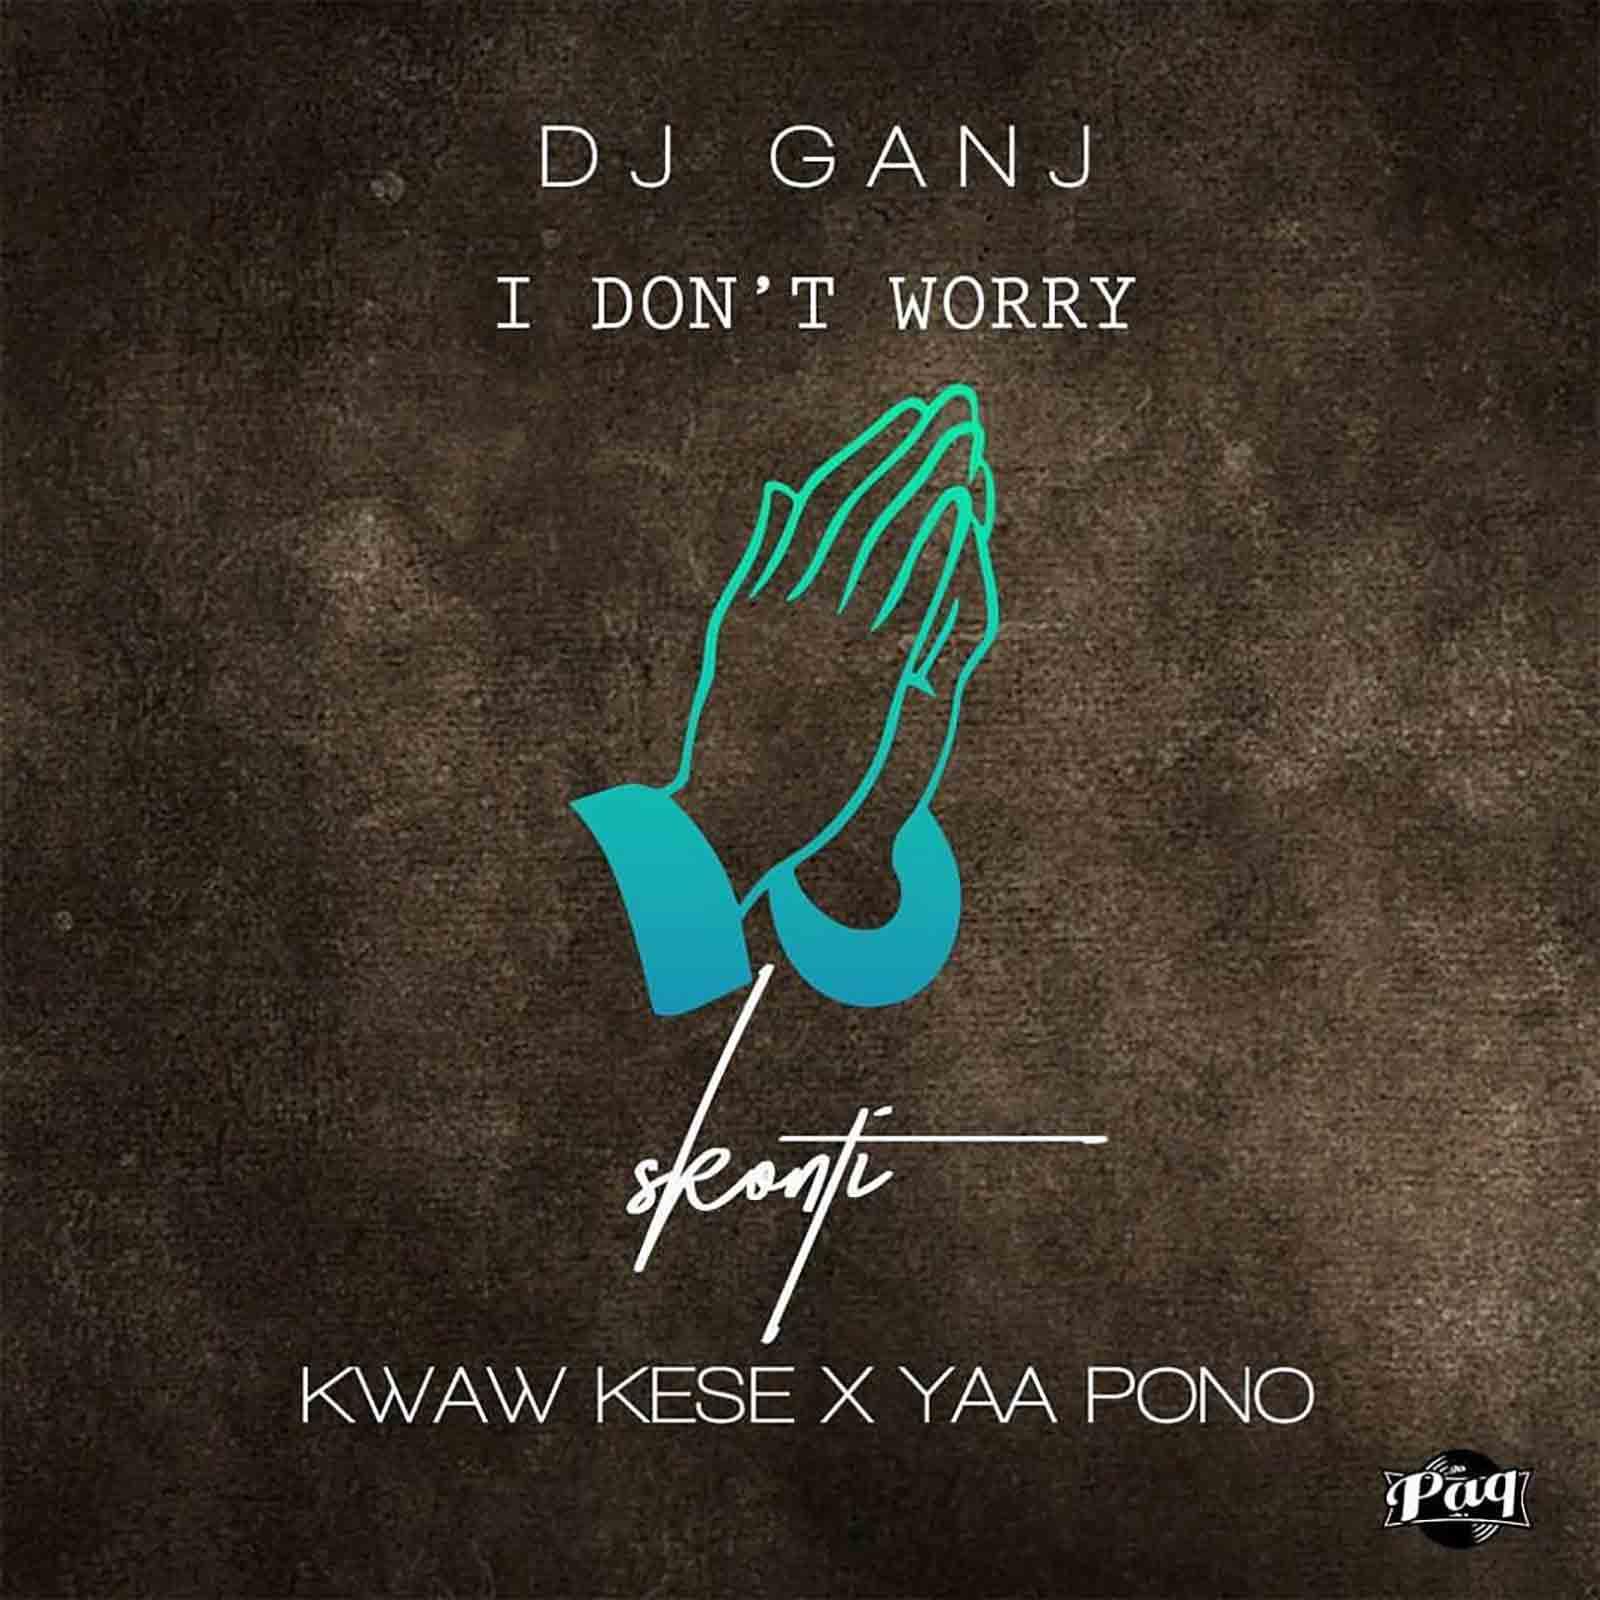 I Don't Worry by Skonti feat. DJ Ganj, Kwaw Kese & Yaa Pono